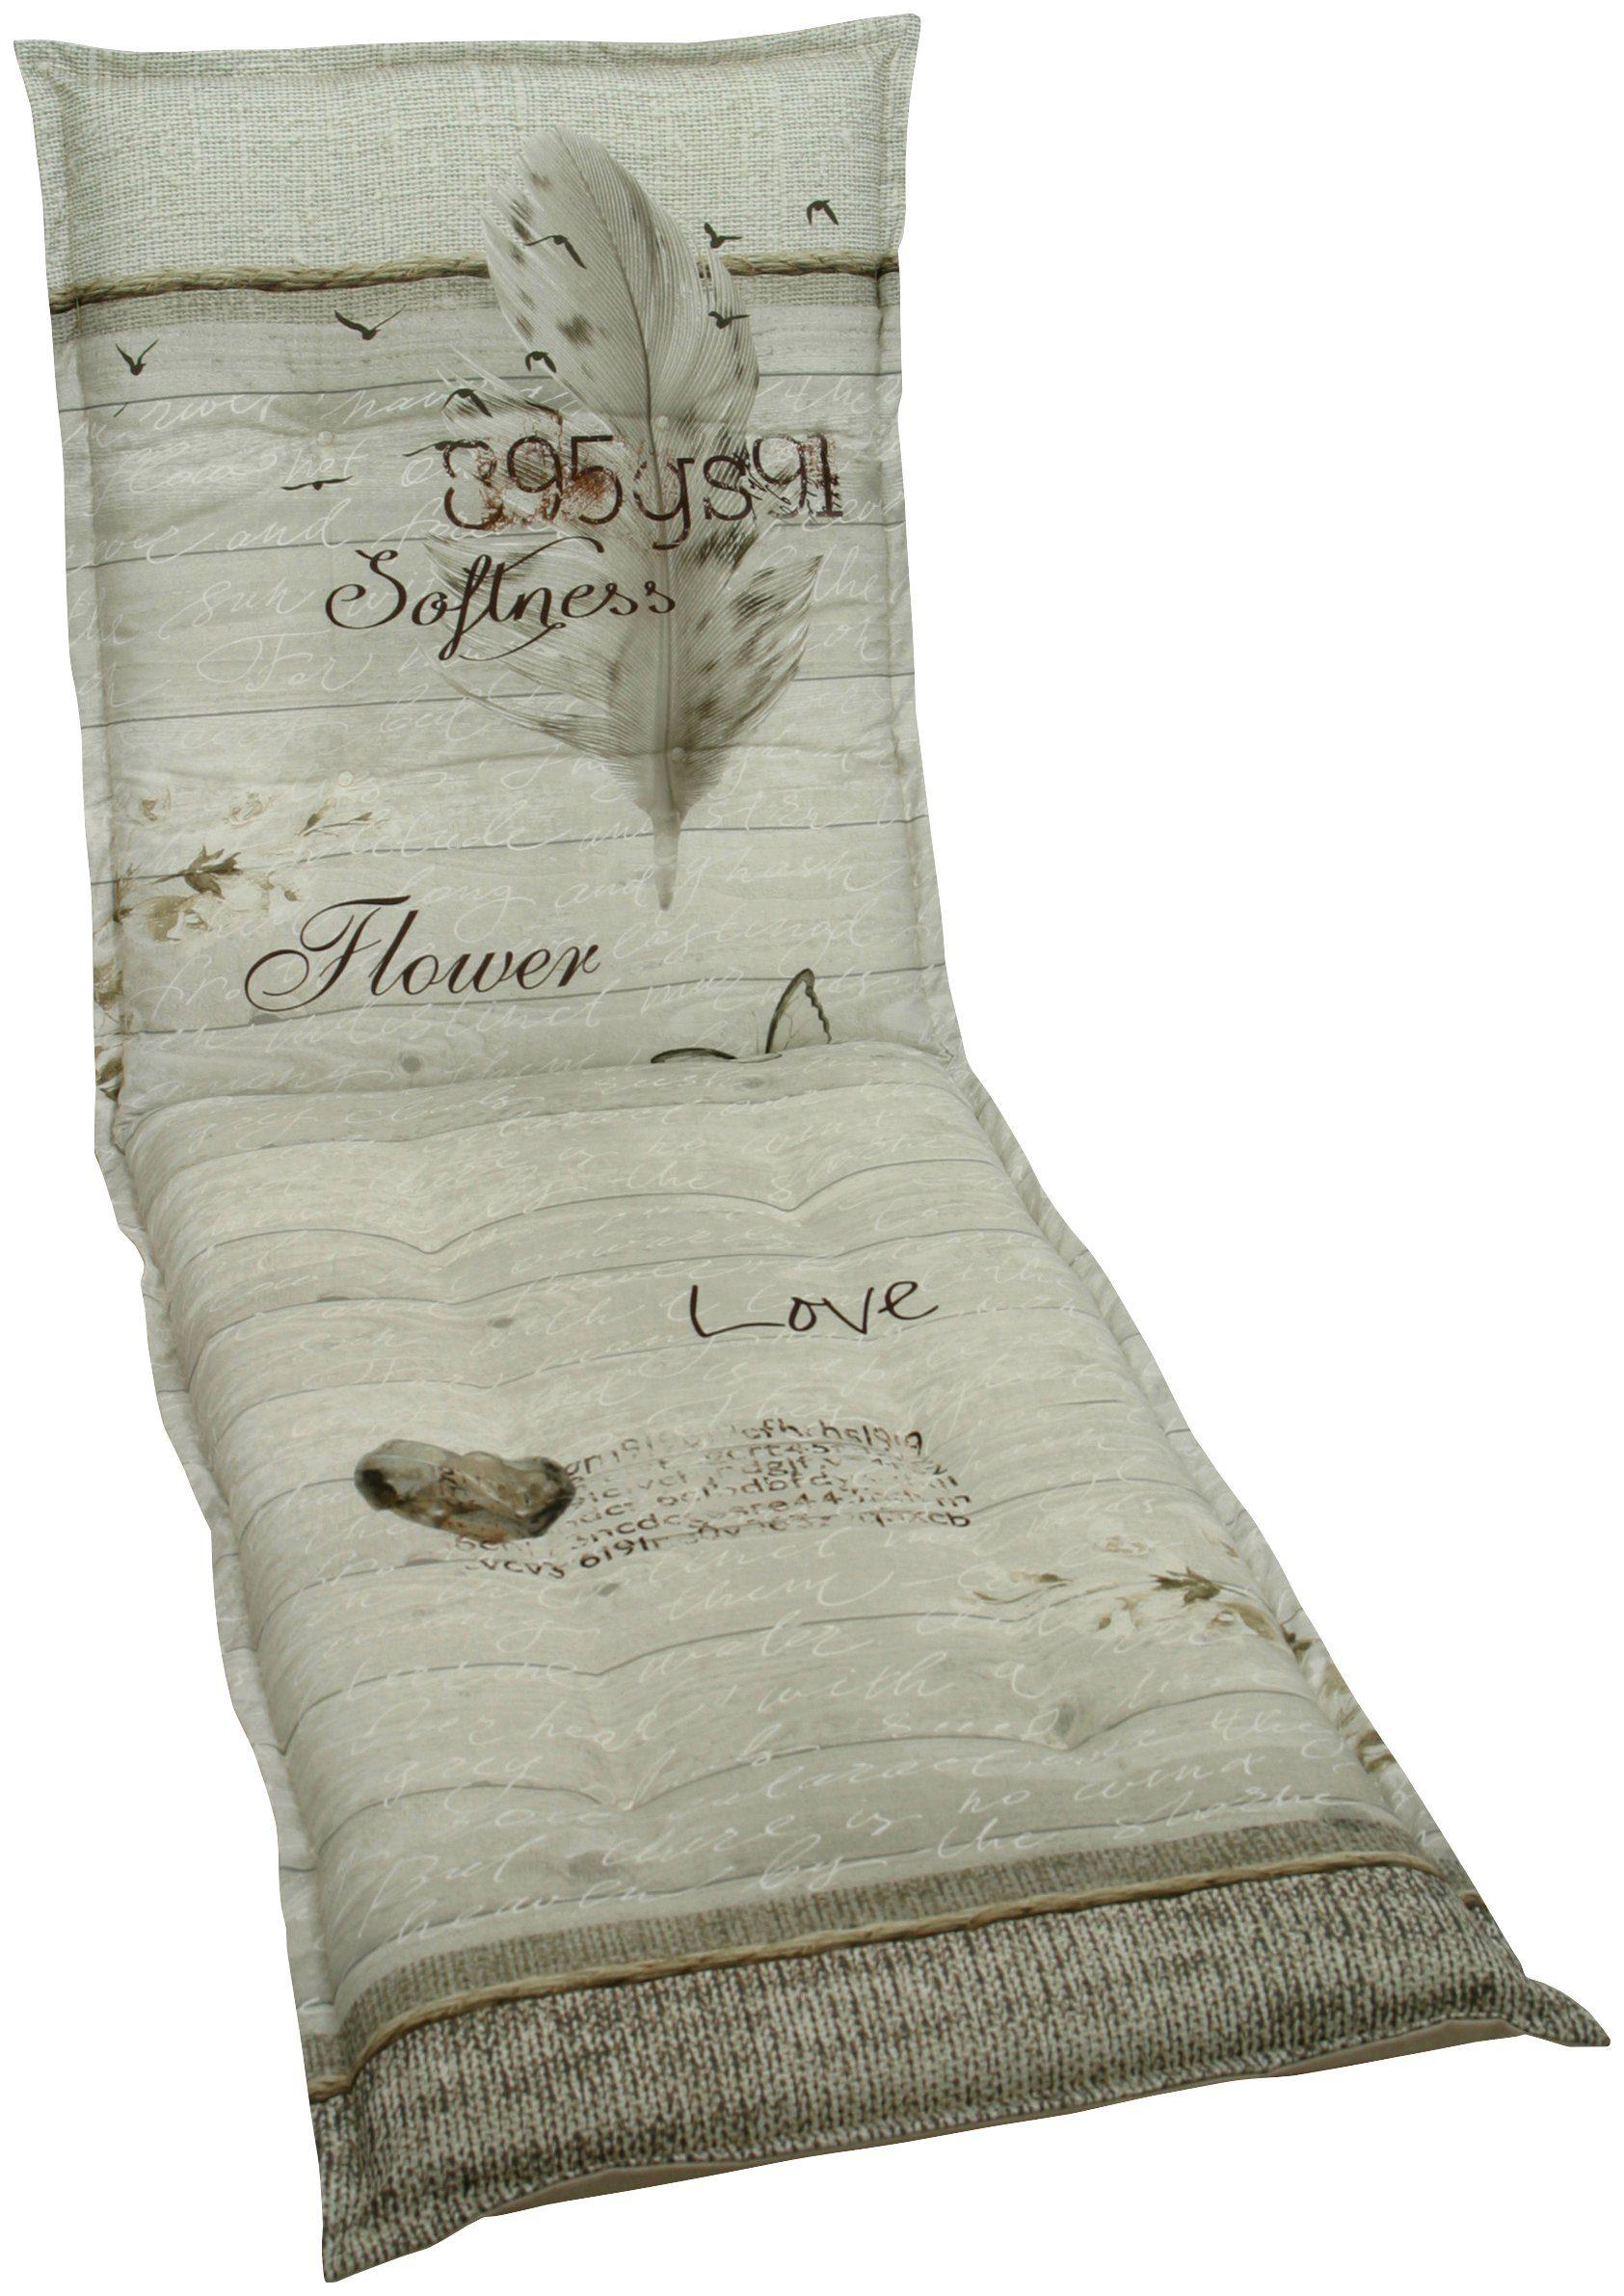 GO-DE Liegenauflage , für Rollliege, (L/B): ca. 190x60 cm